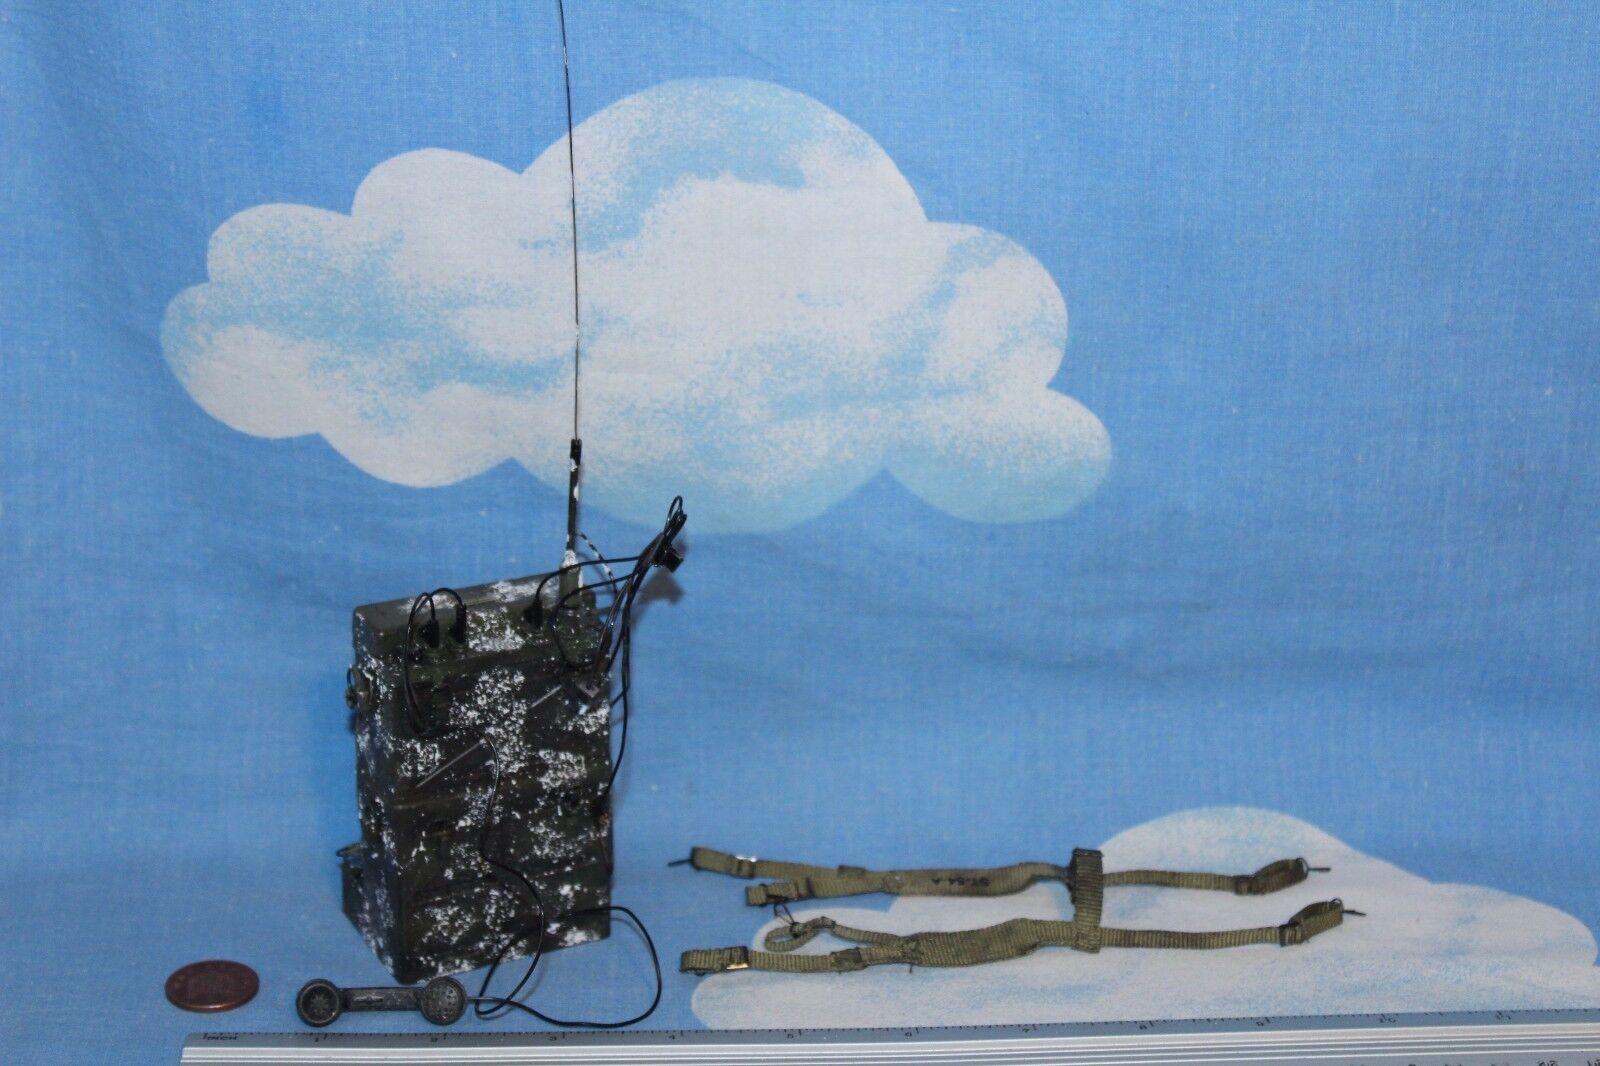 DID 1 6TH SCALE WW2  U.S. ARMY RADIO OPERATOR S EDITION SCR-300 RADIO PAUL  magasin d'usine